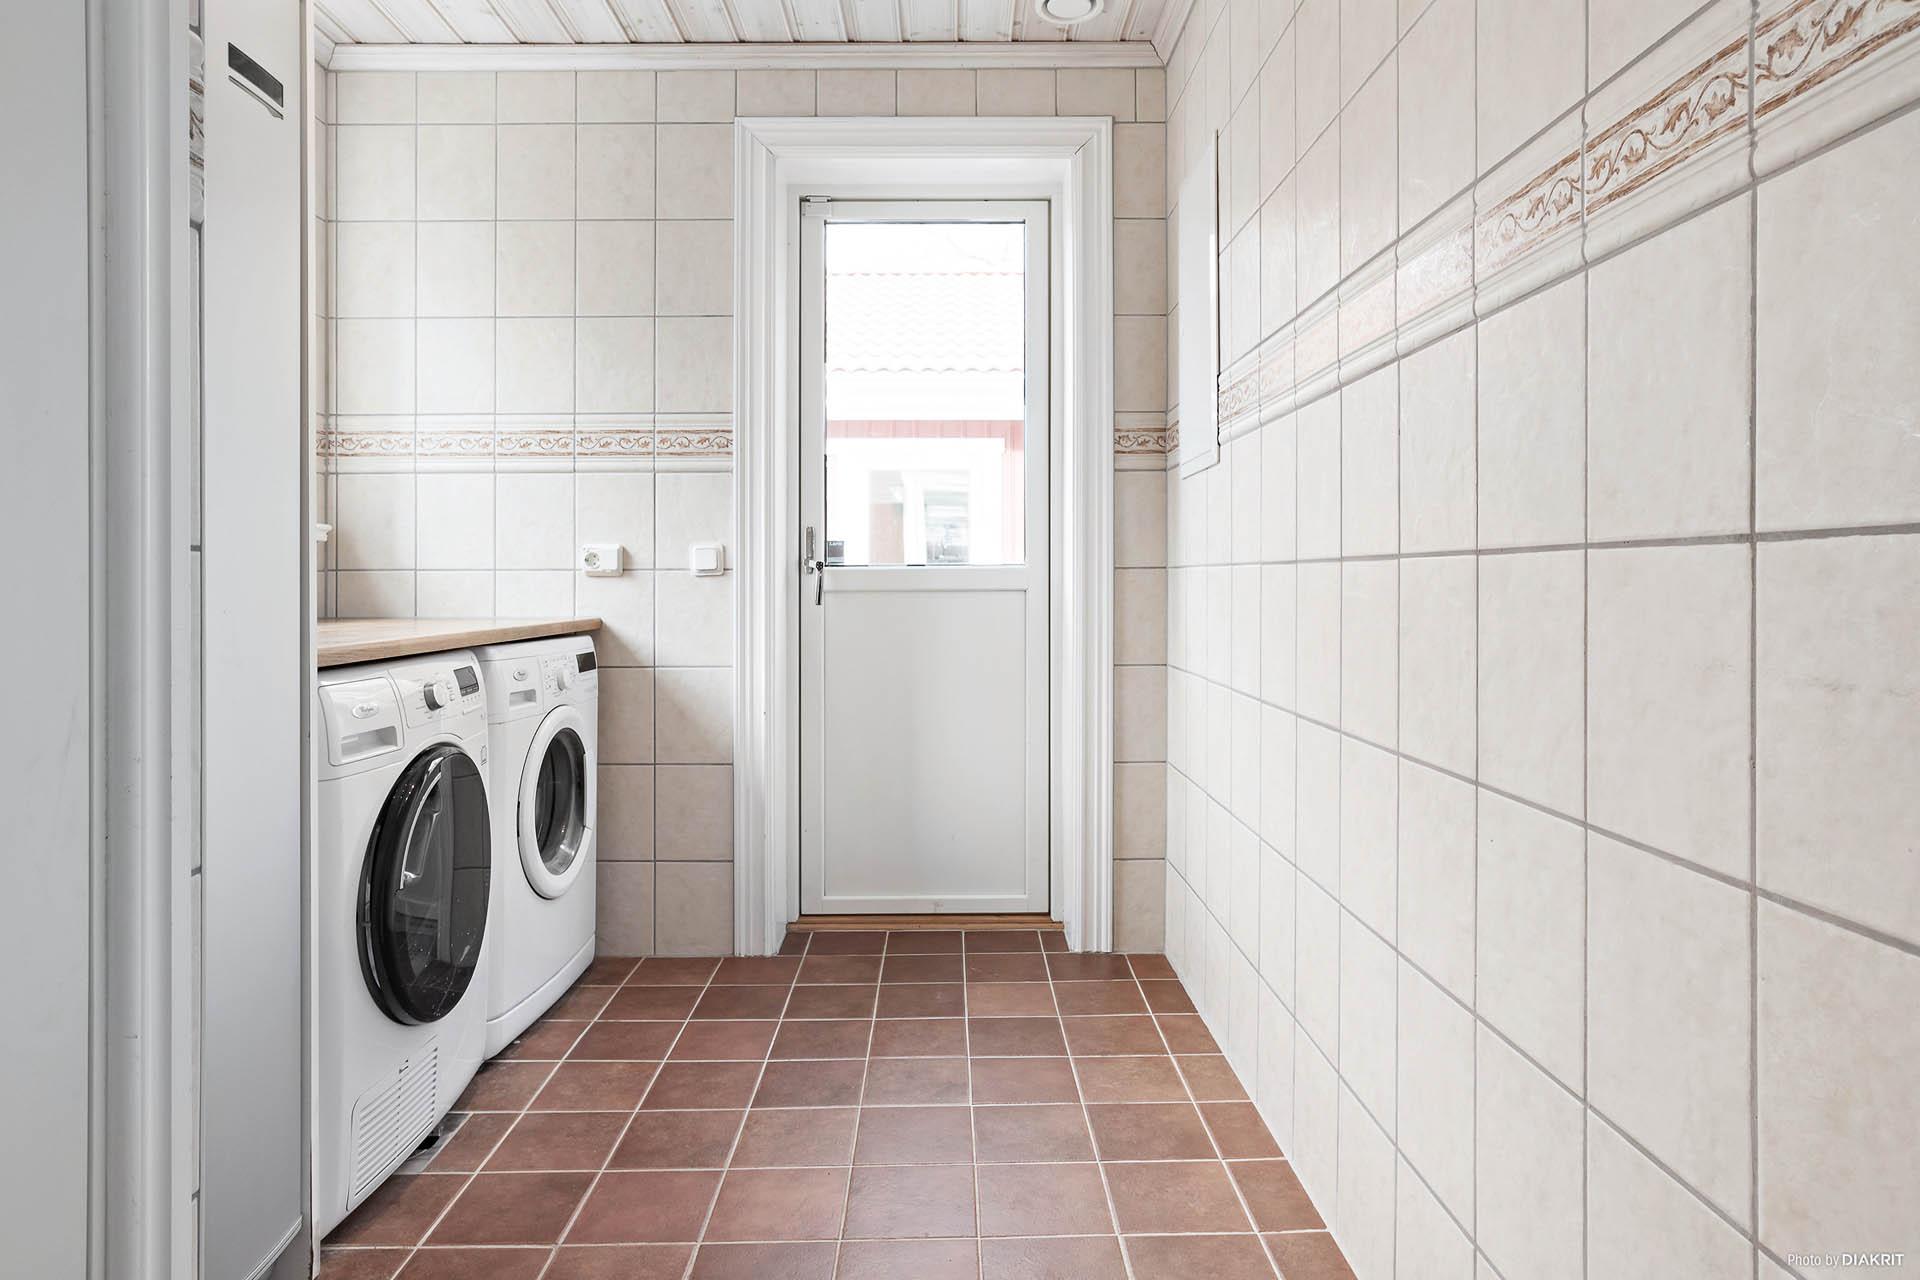 Helkaklad tvättstuga med även toalett och kommod